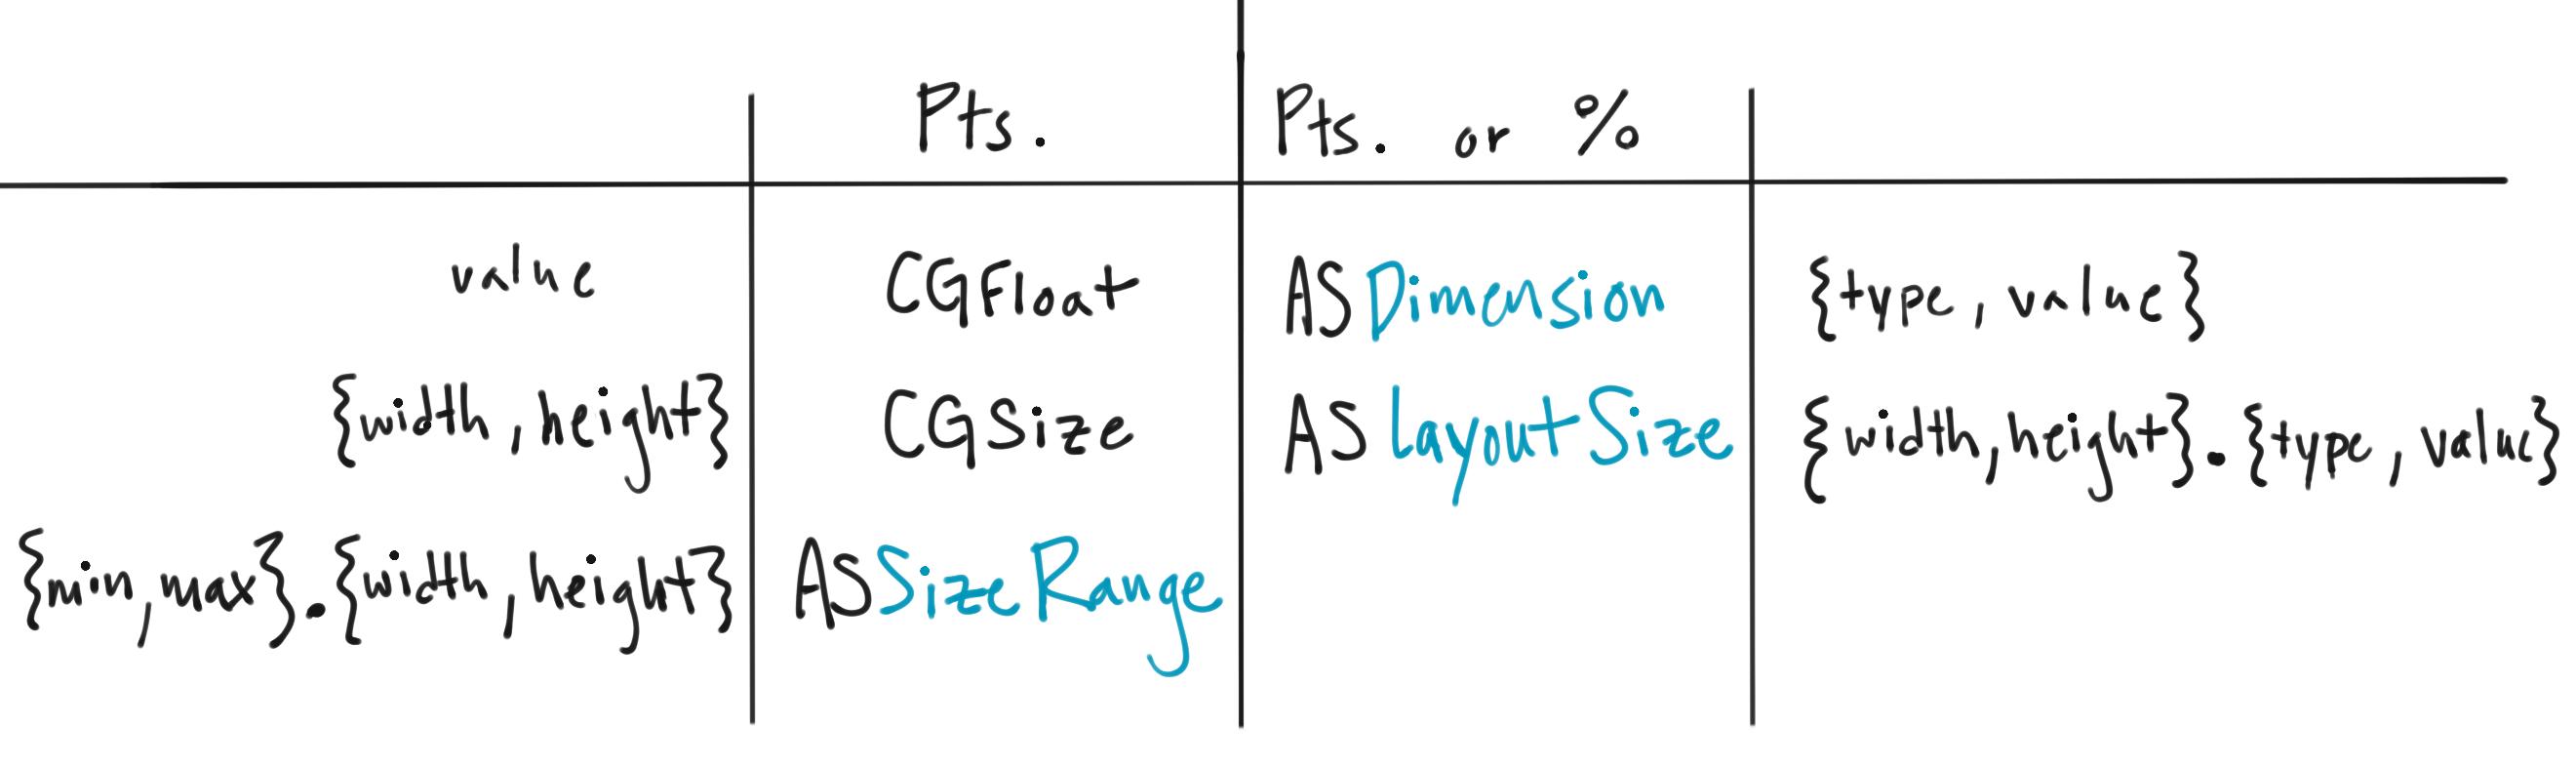 Texture | Layout API Sizing